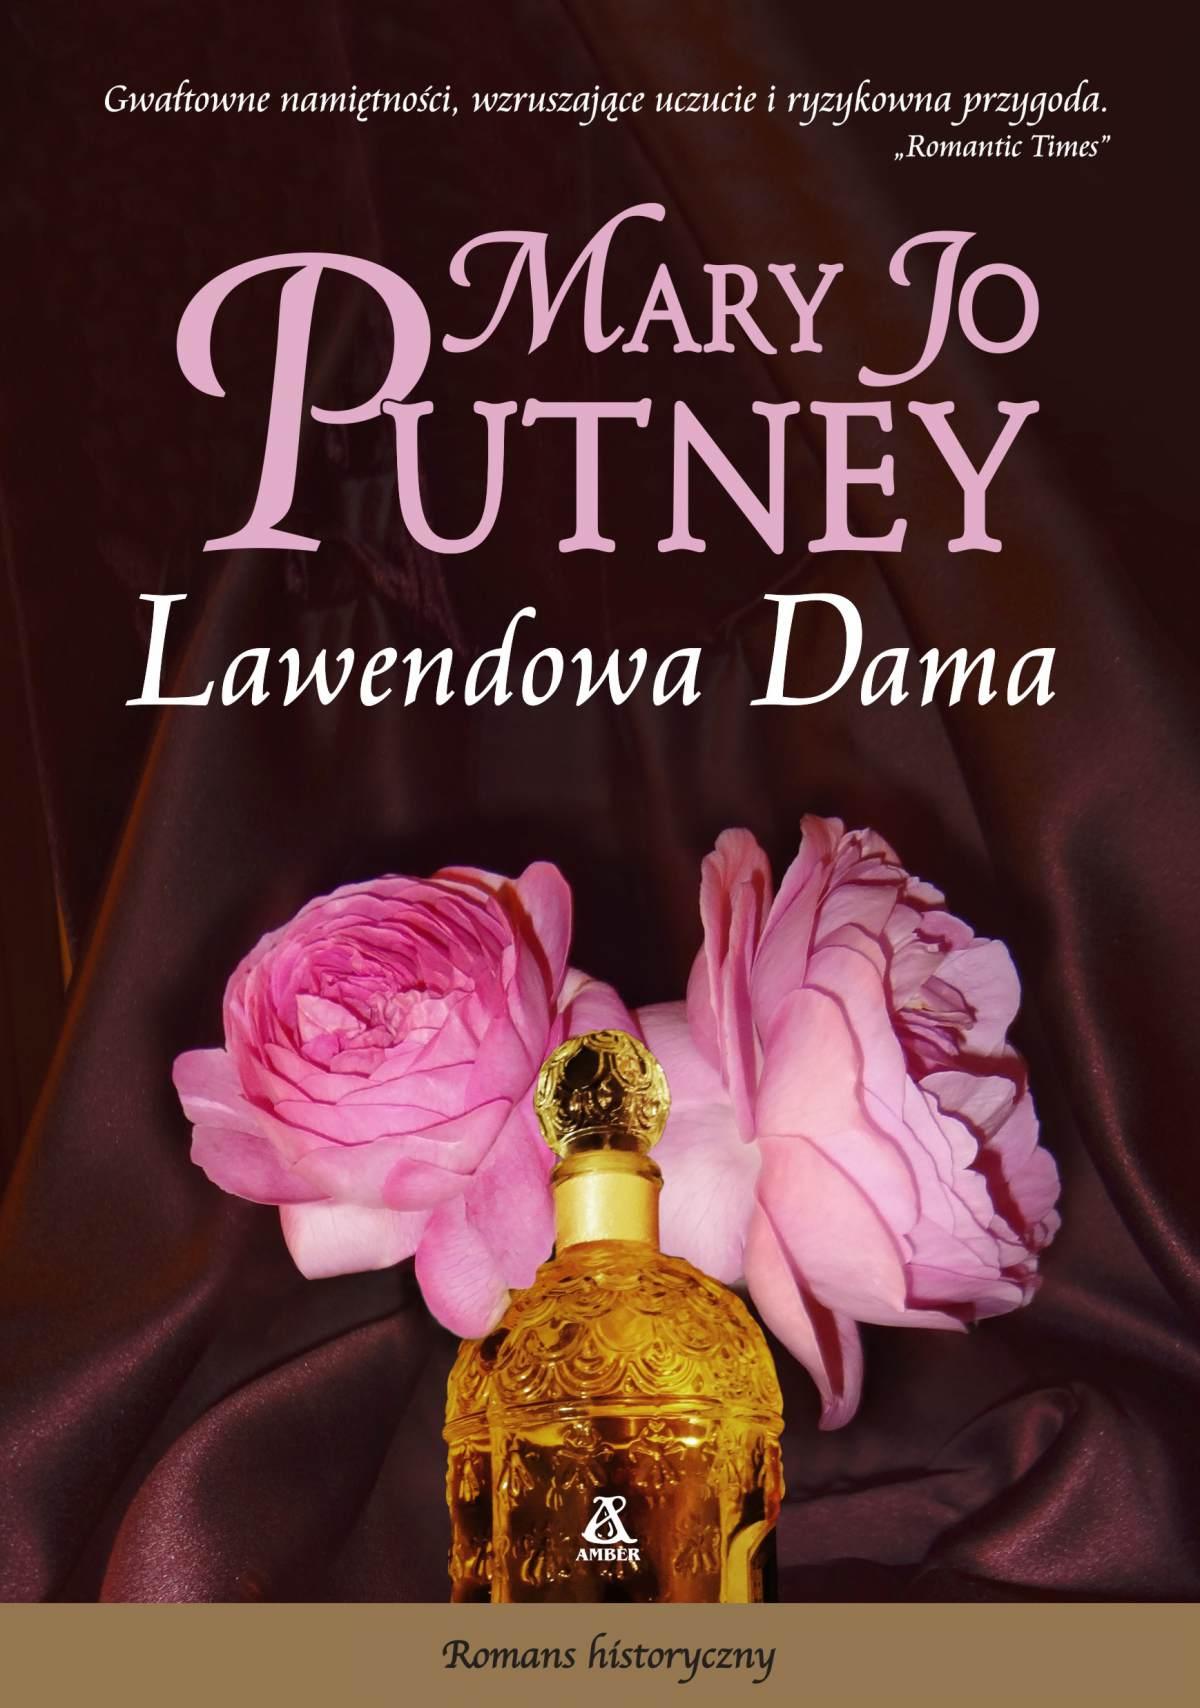 Lawendowa dama - Ebook (Książka na Kindle) do pobrania w formacie MOBI